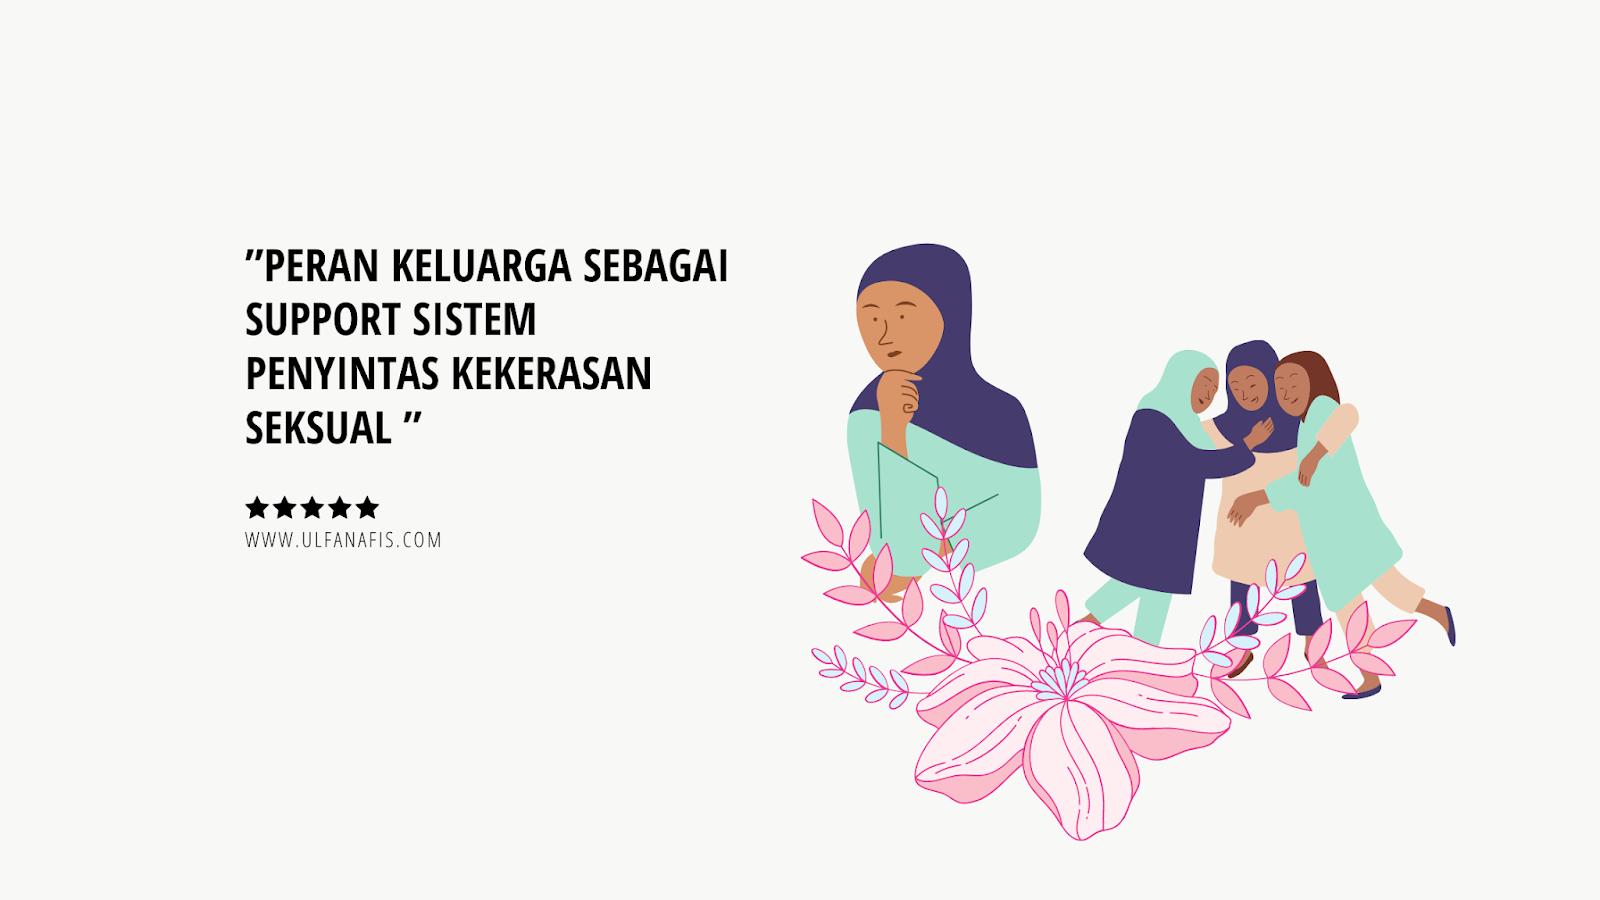 Peran Keluarga Sebagai Support Sistem Penyintas Kekerasan Seksual